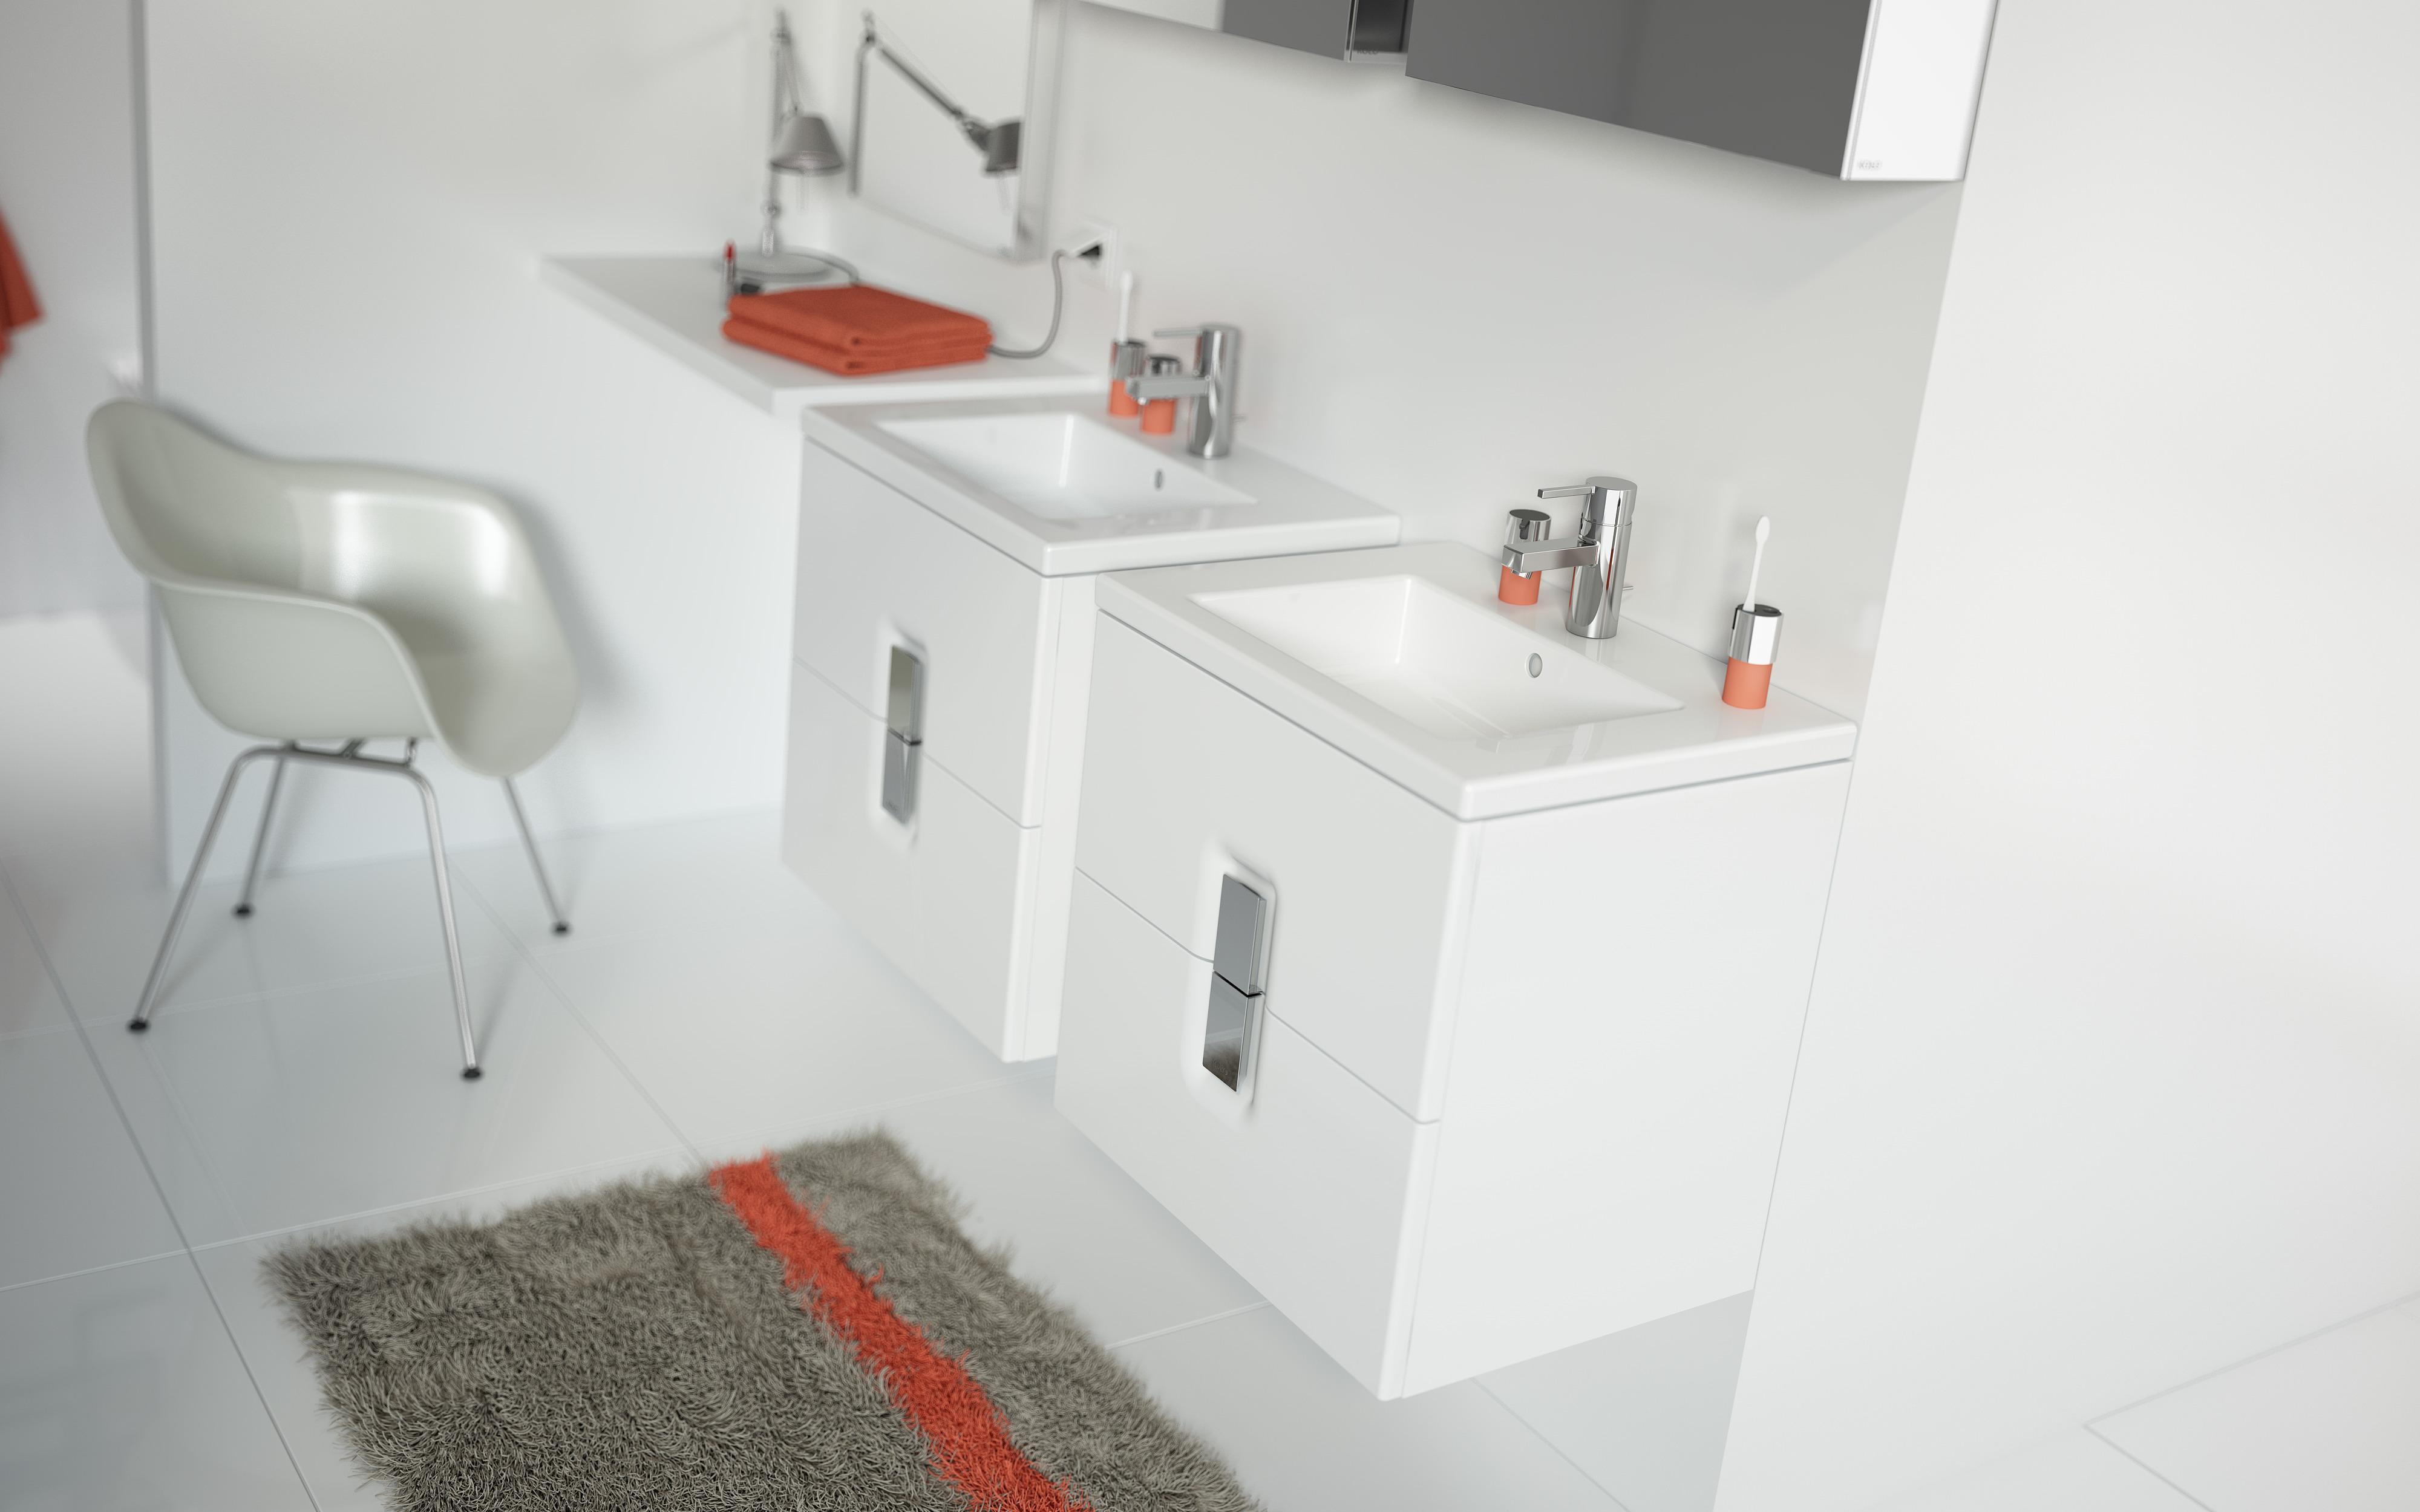 nowoczesne umywalki i szafki koło twins slims białe